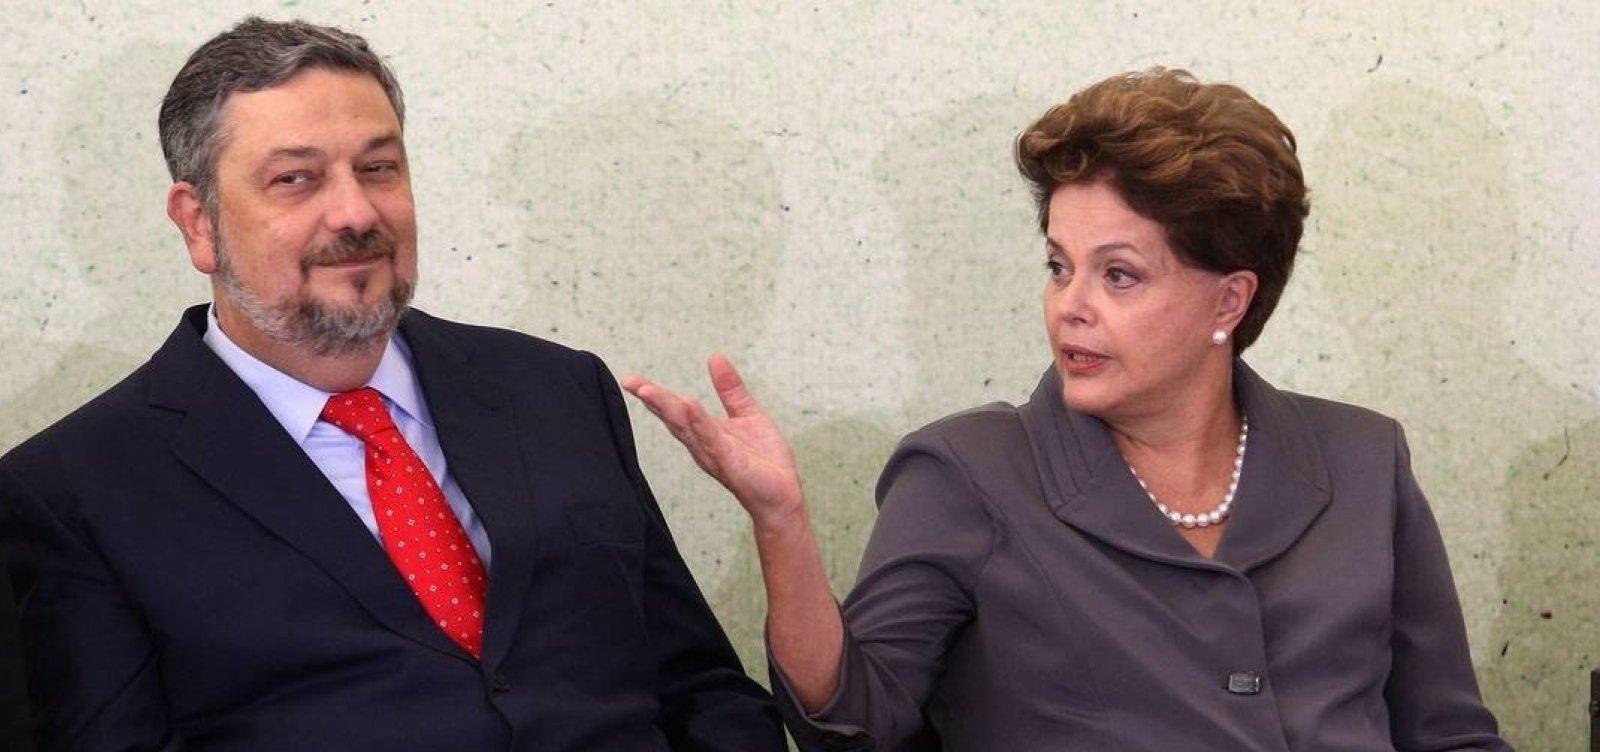 [Palocci diz que campanhas de Dilma custaram o dobro do declarado ao TSE]